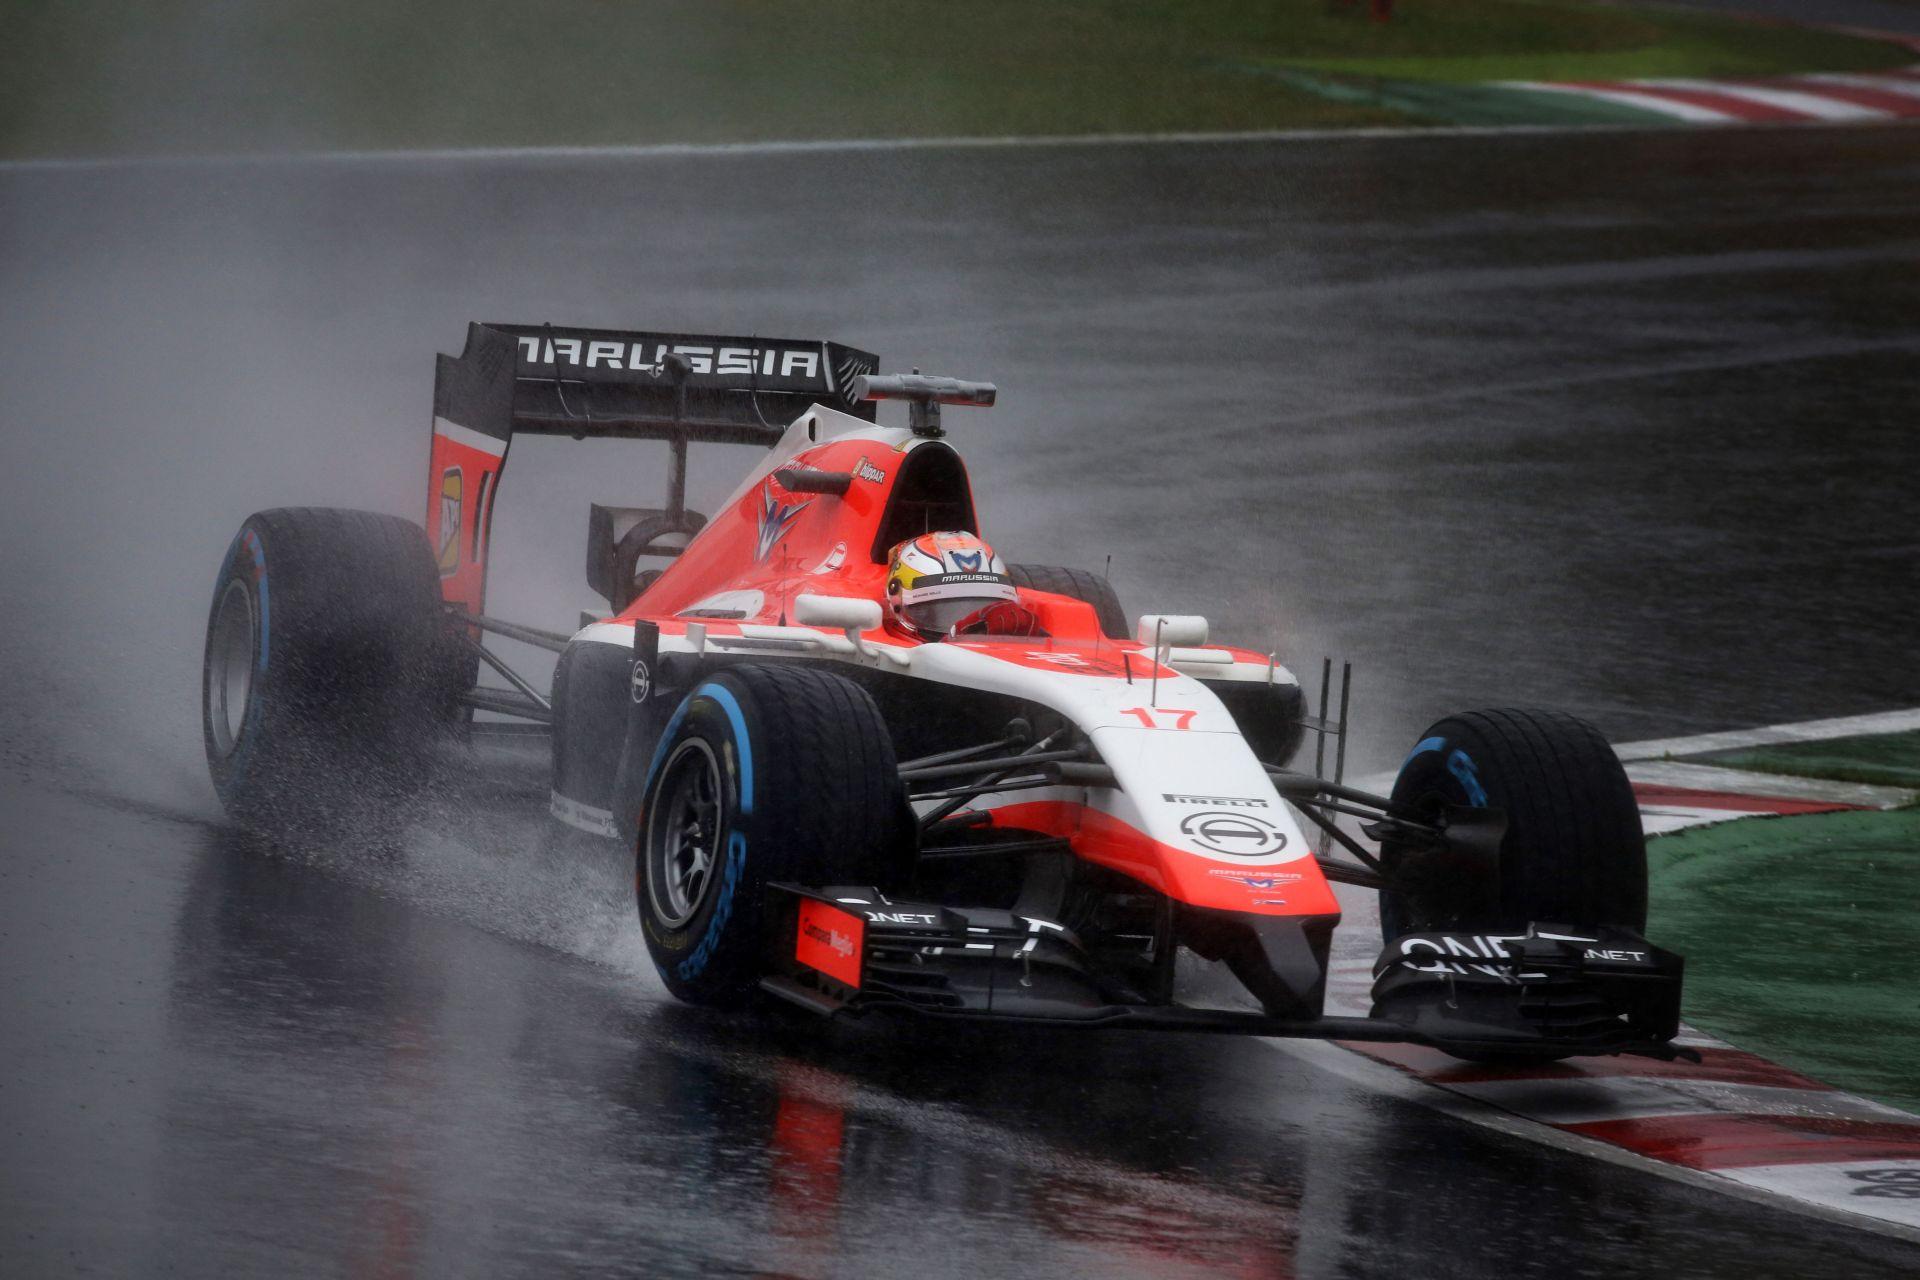 Egy rettentően szomorú nap a Forma-1-ben: Bianchi ezen a napon szenvedett súlyos balesetet Suzukában